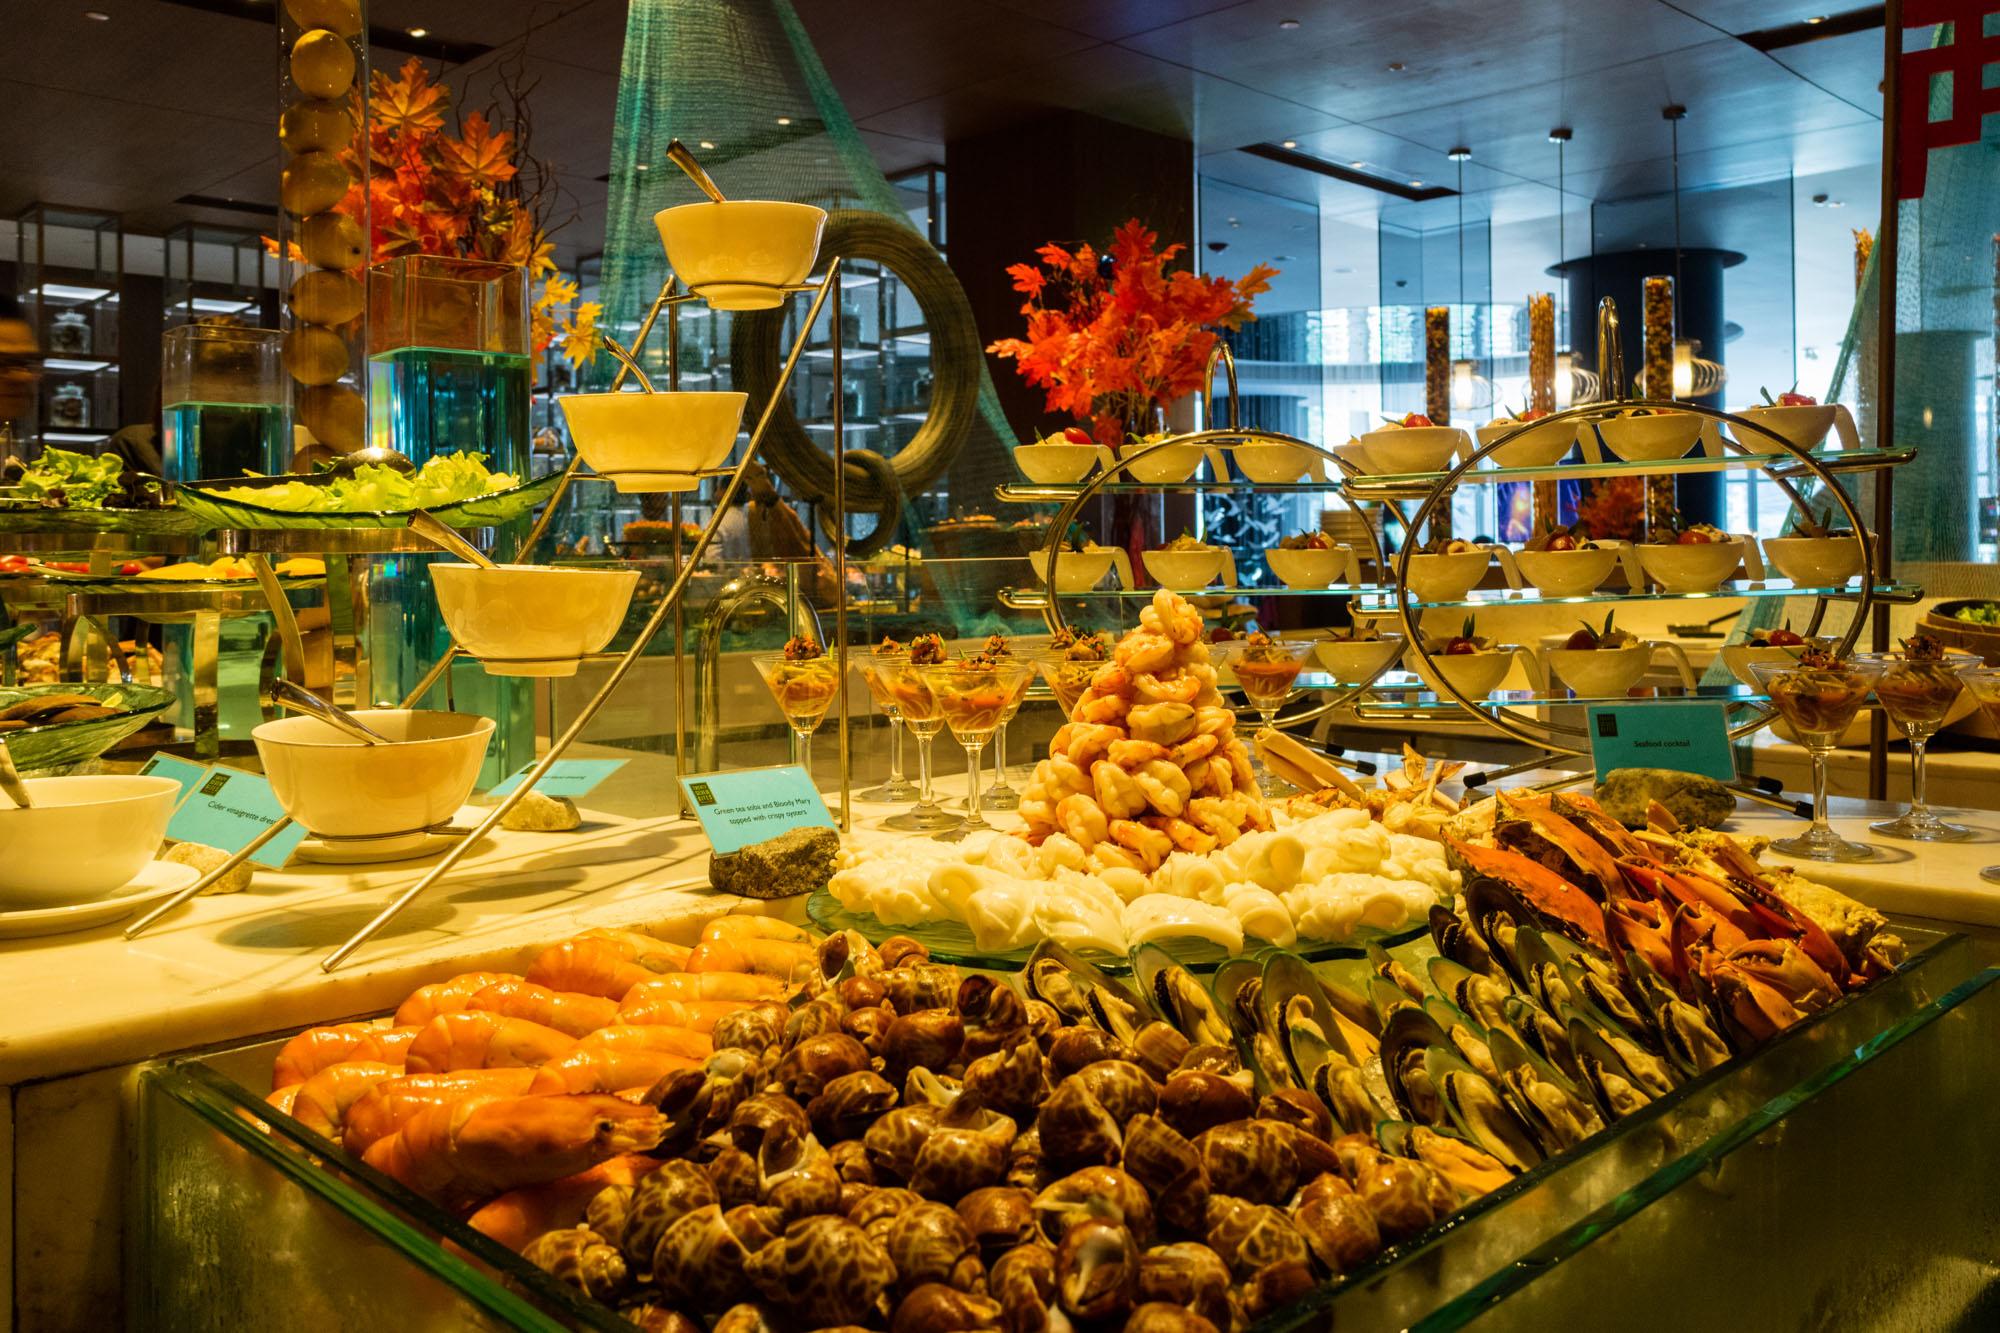 บุฟเฟ่ต์ Big Blu Sunday Brunch ห้องอาหาร Twenty-Seven Bites โรงแรม Radisson Blu Plaza Bangkok  บุฟเฟ่ต์ Big Blu Sunday Brunch ห้องอาหาร Twenty-Seven Bites โรงแรม Radisson Blu Plaza Bangkok IMG 6115 1